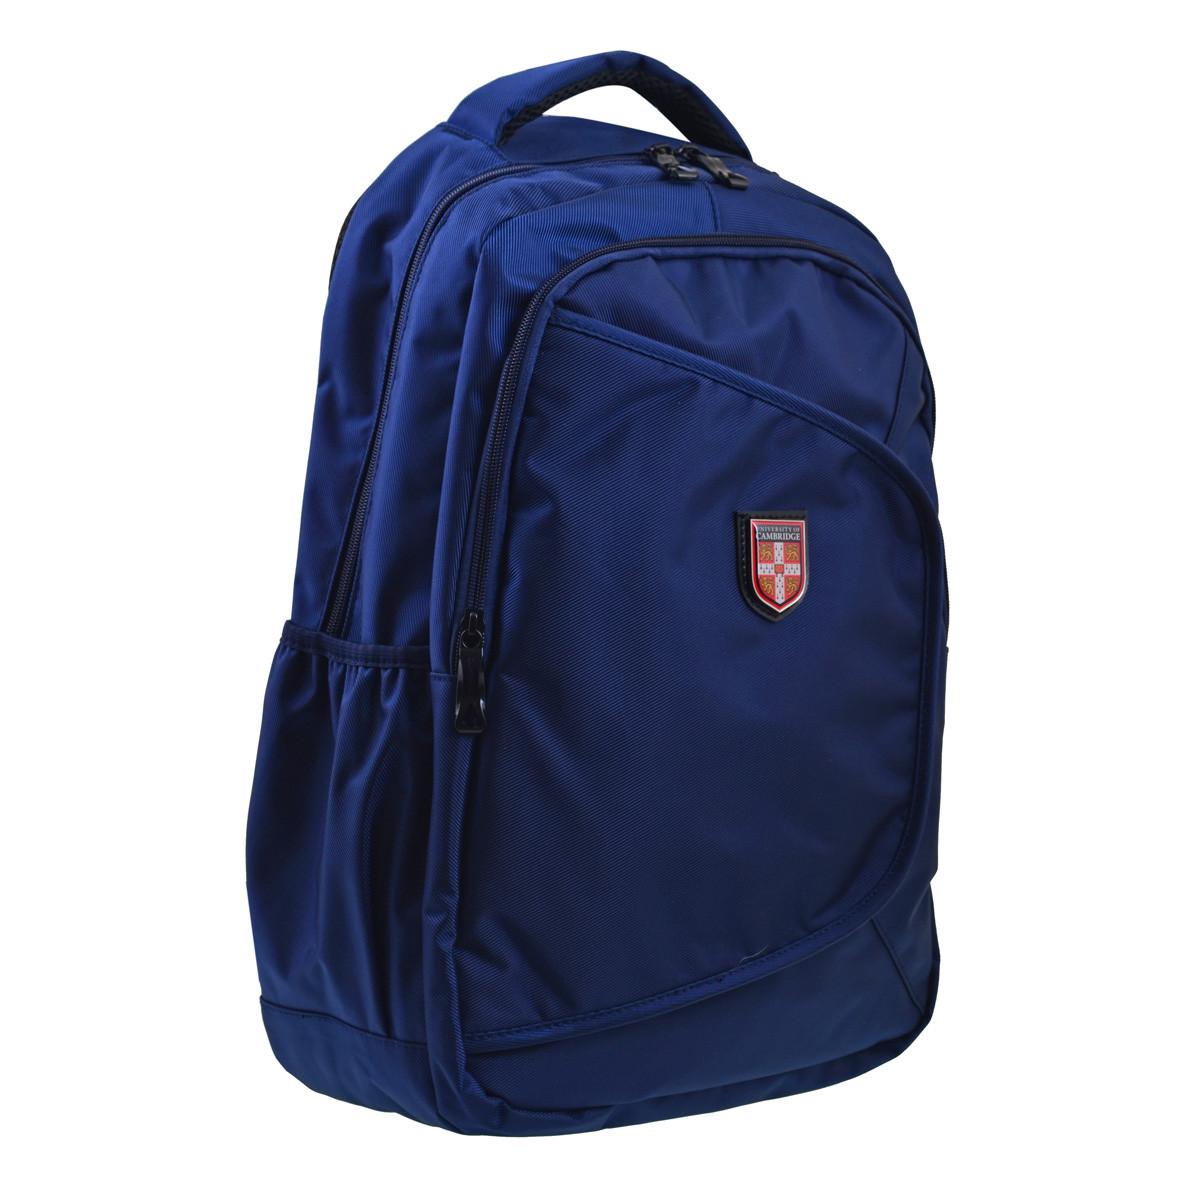 Рюкзак молодежный YES  CA 189,  темно-синий